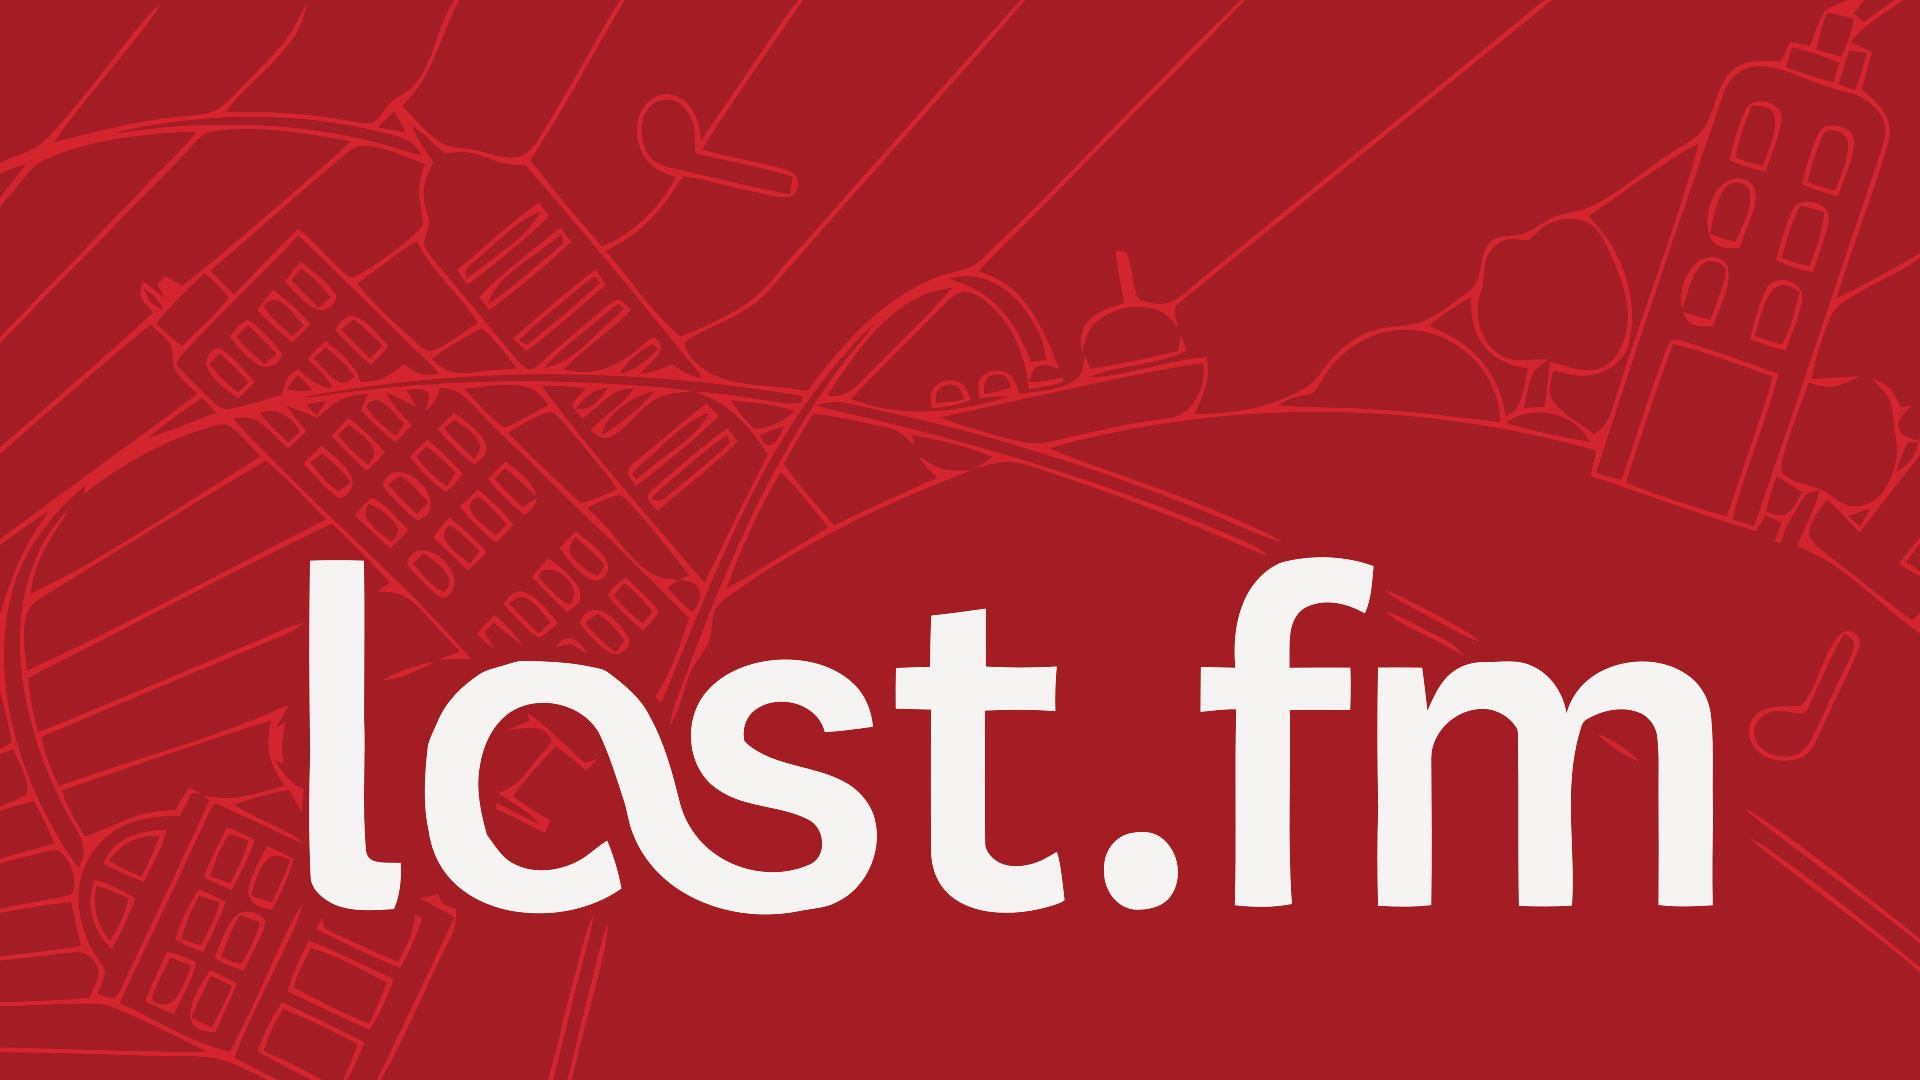 Разработчики Last.fm устранили утечку учетных данных